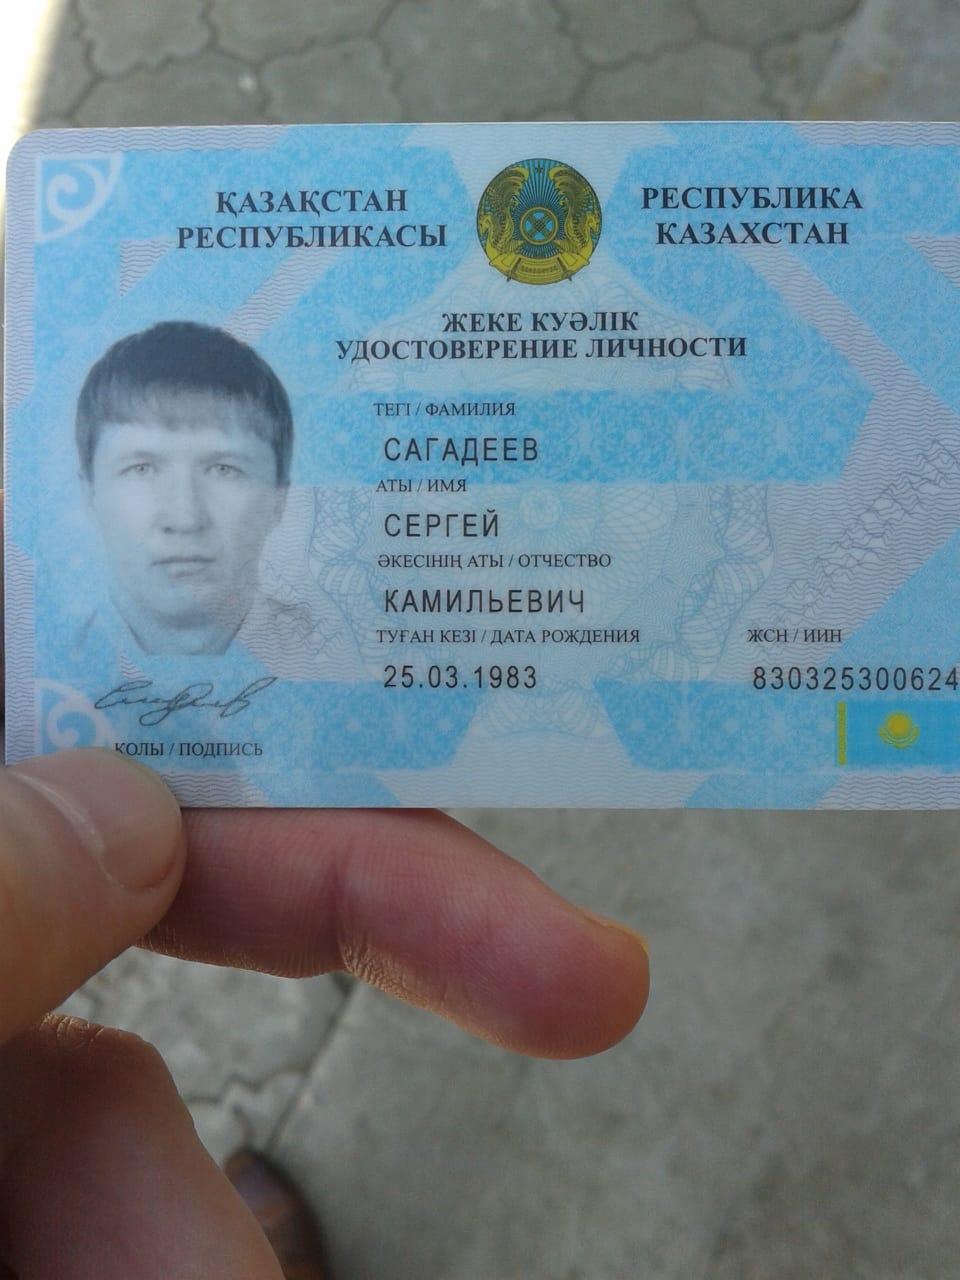 Сагадеев Сергей Камильевич